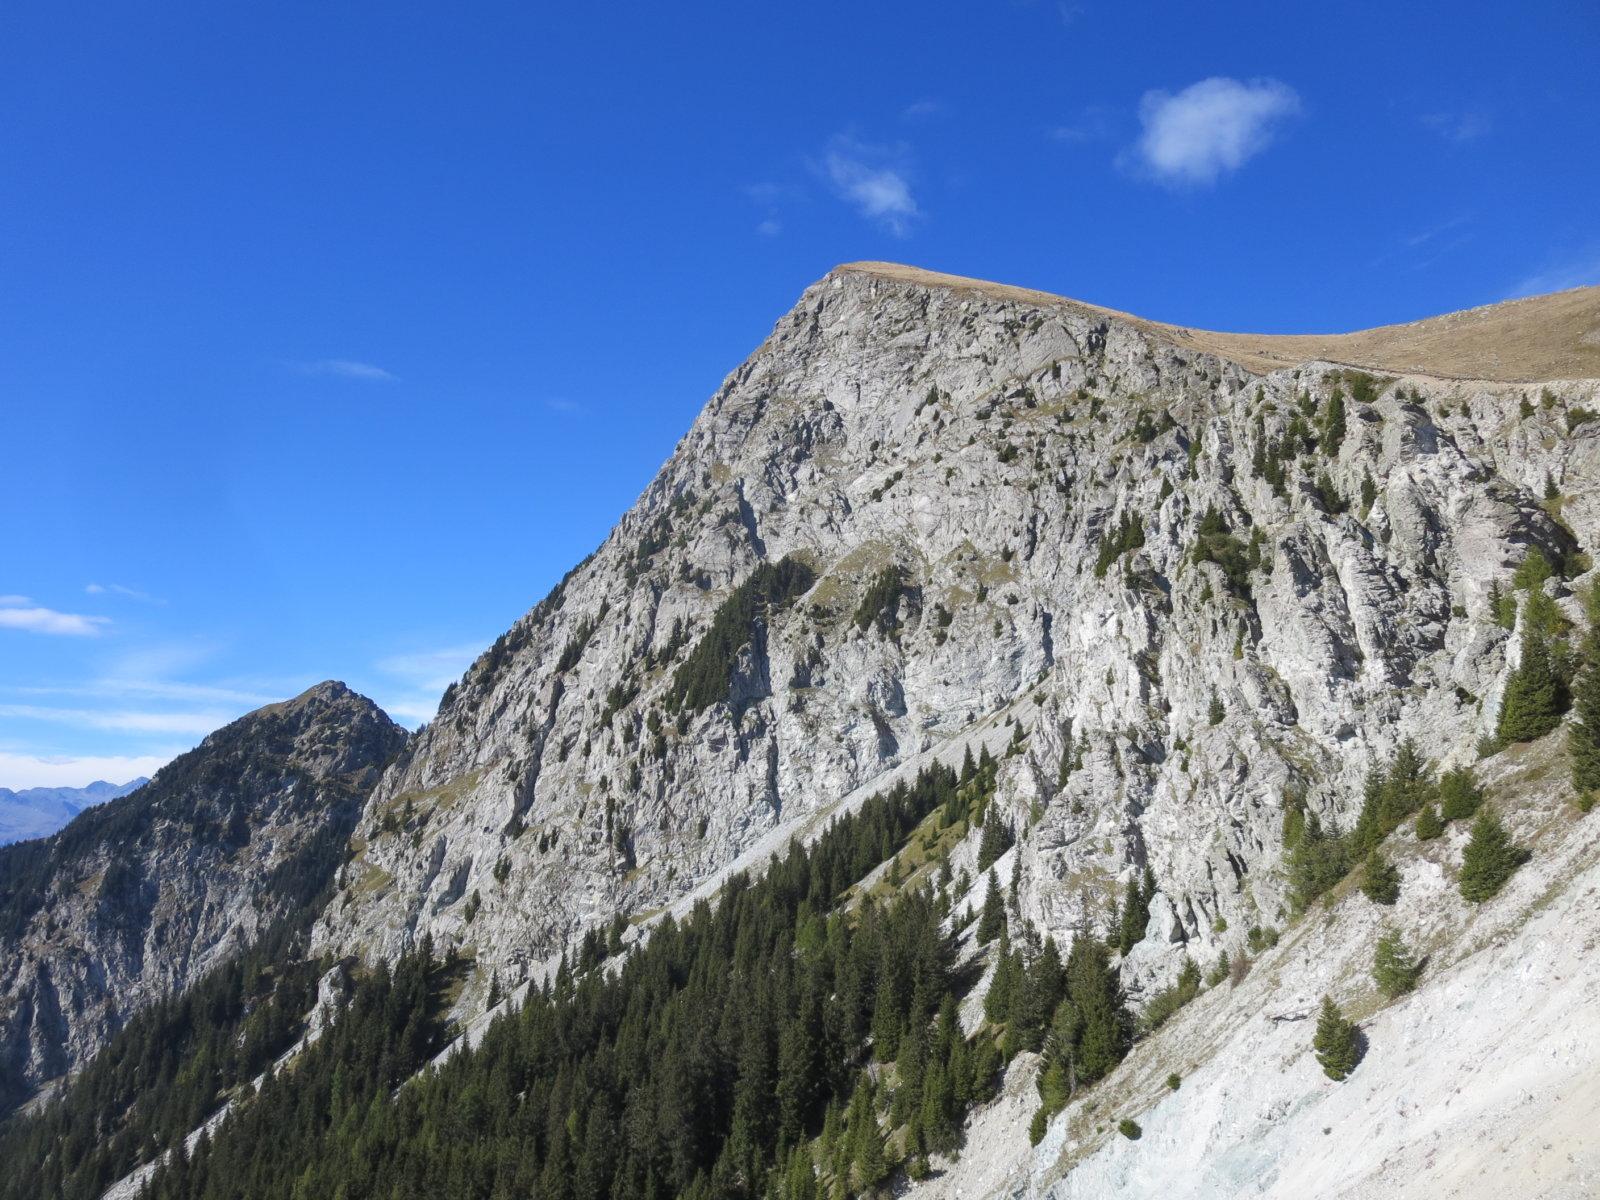 Klettersteig Ifinger : Fotogalerie tourfotos fotos zur klettersteig tour heini holzer